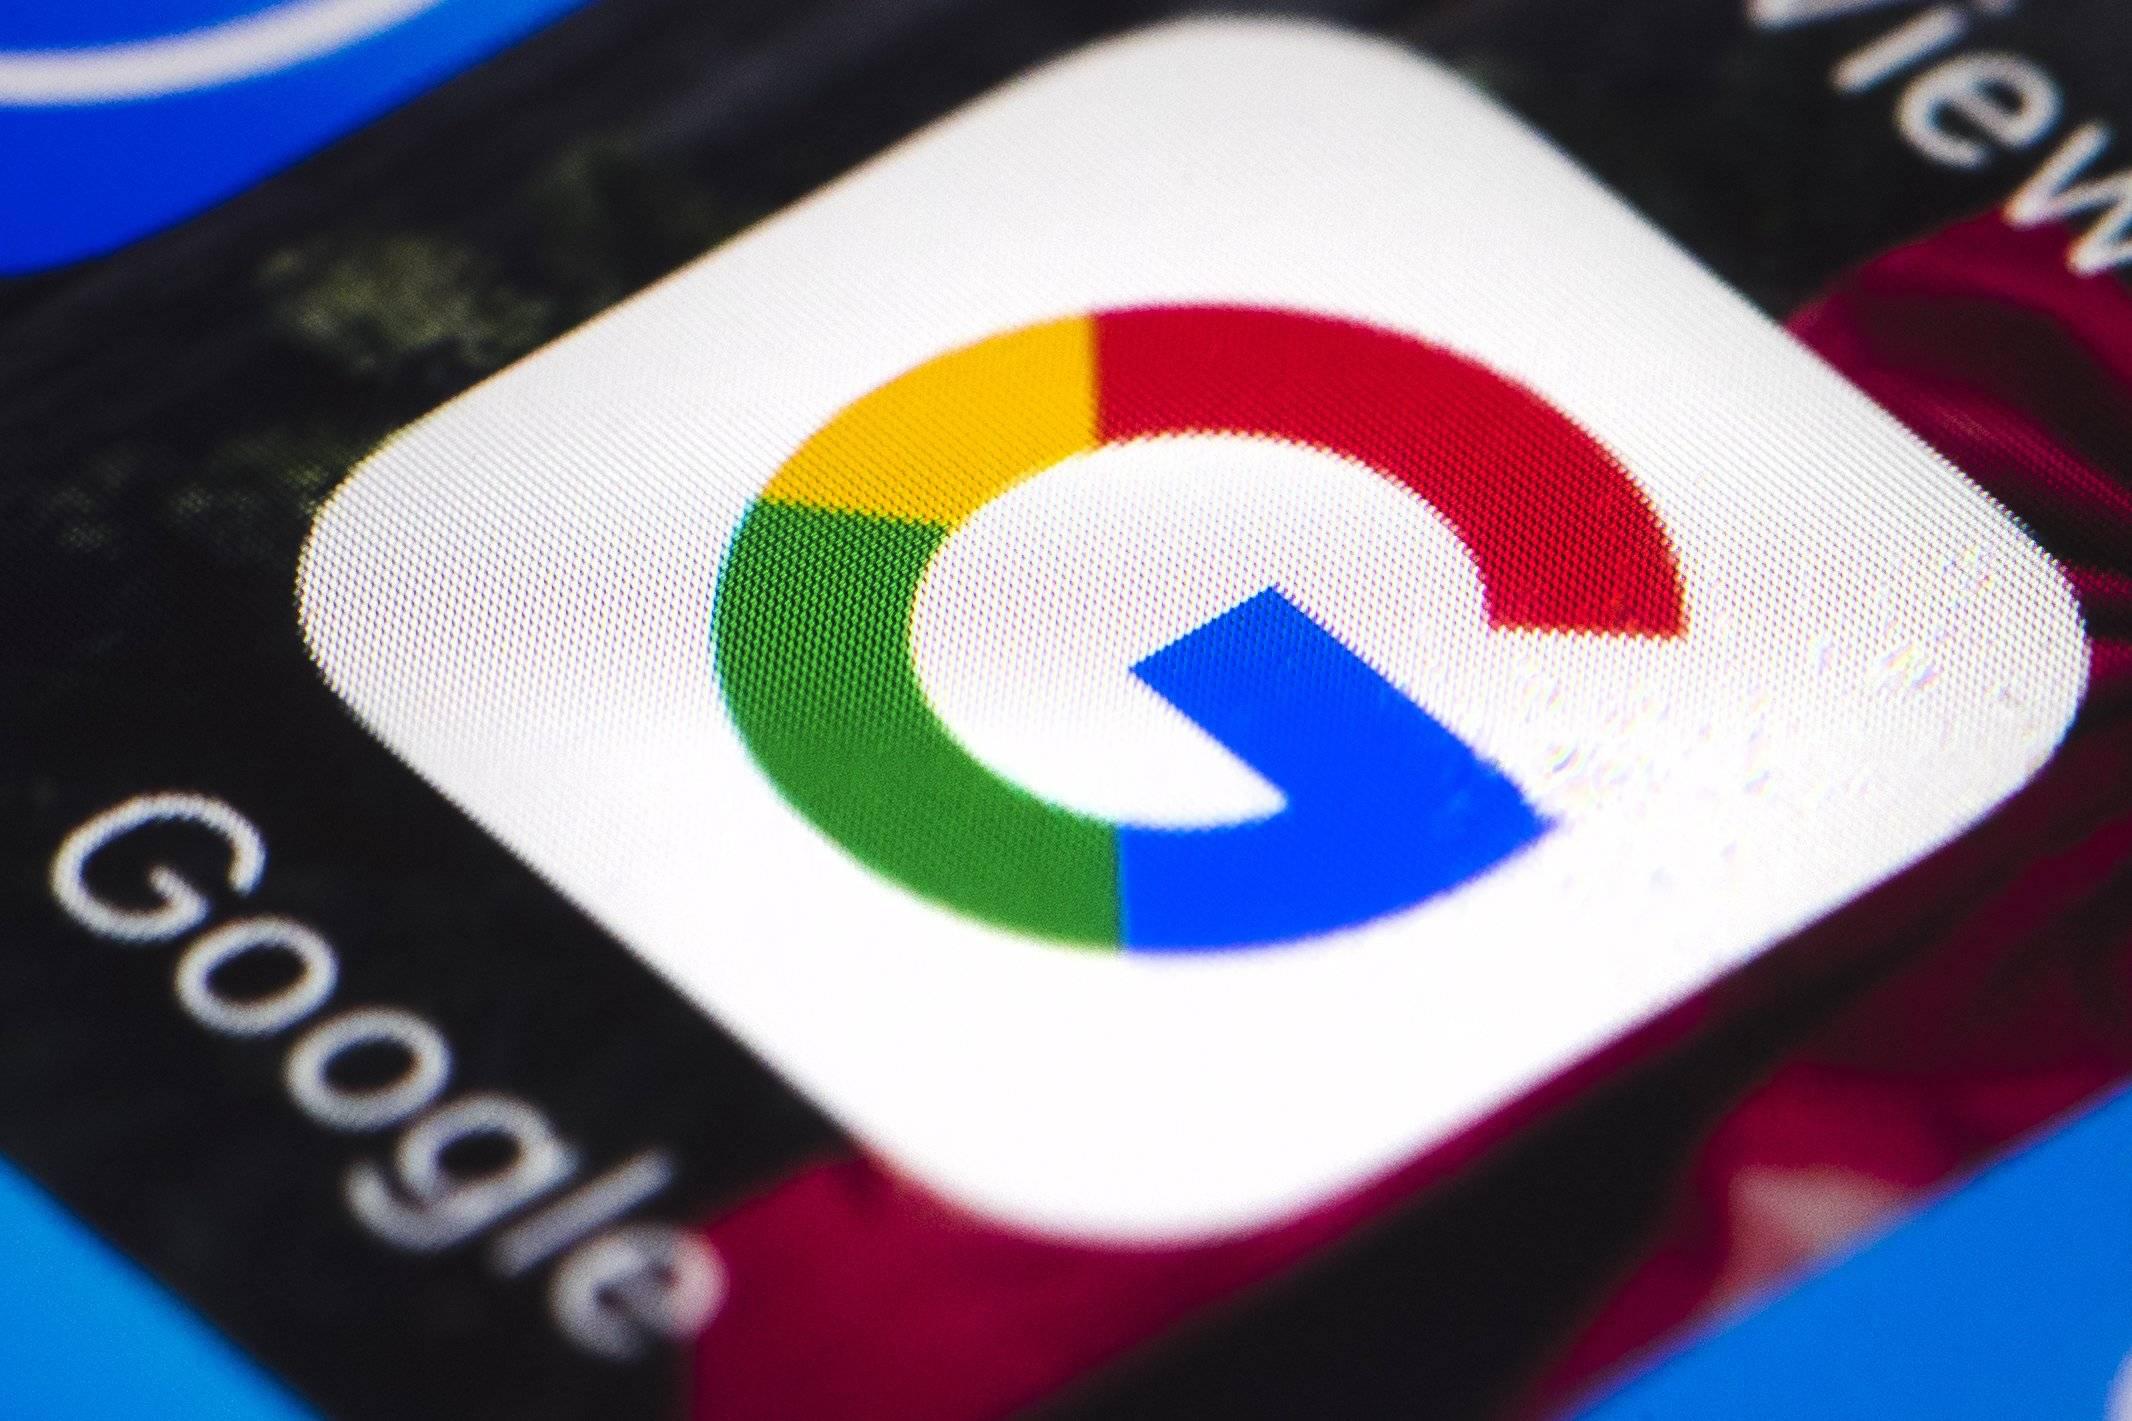 Diario: Google revela anuncios pagados por agentes rusos